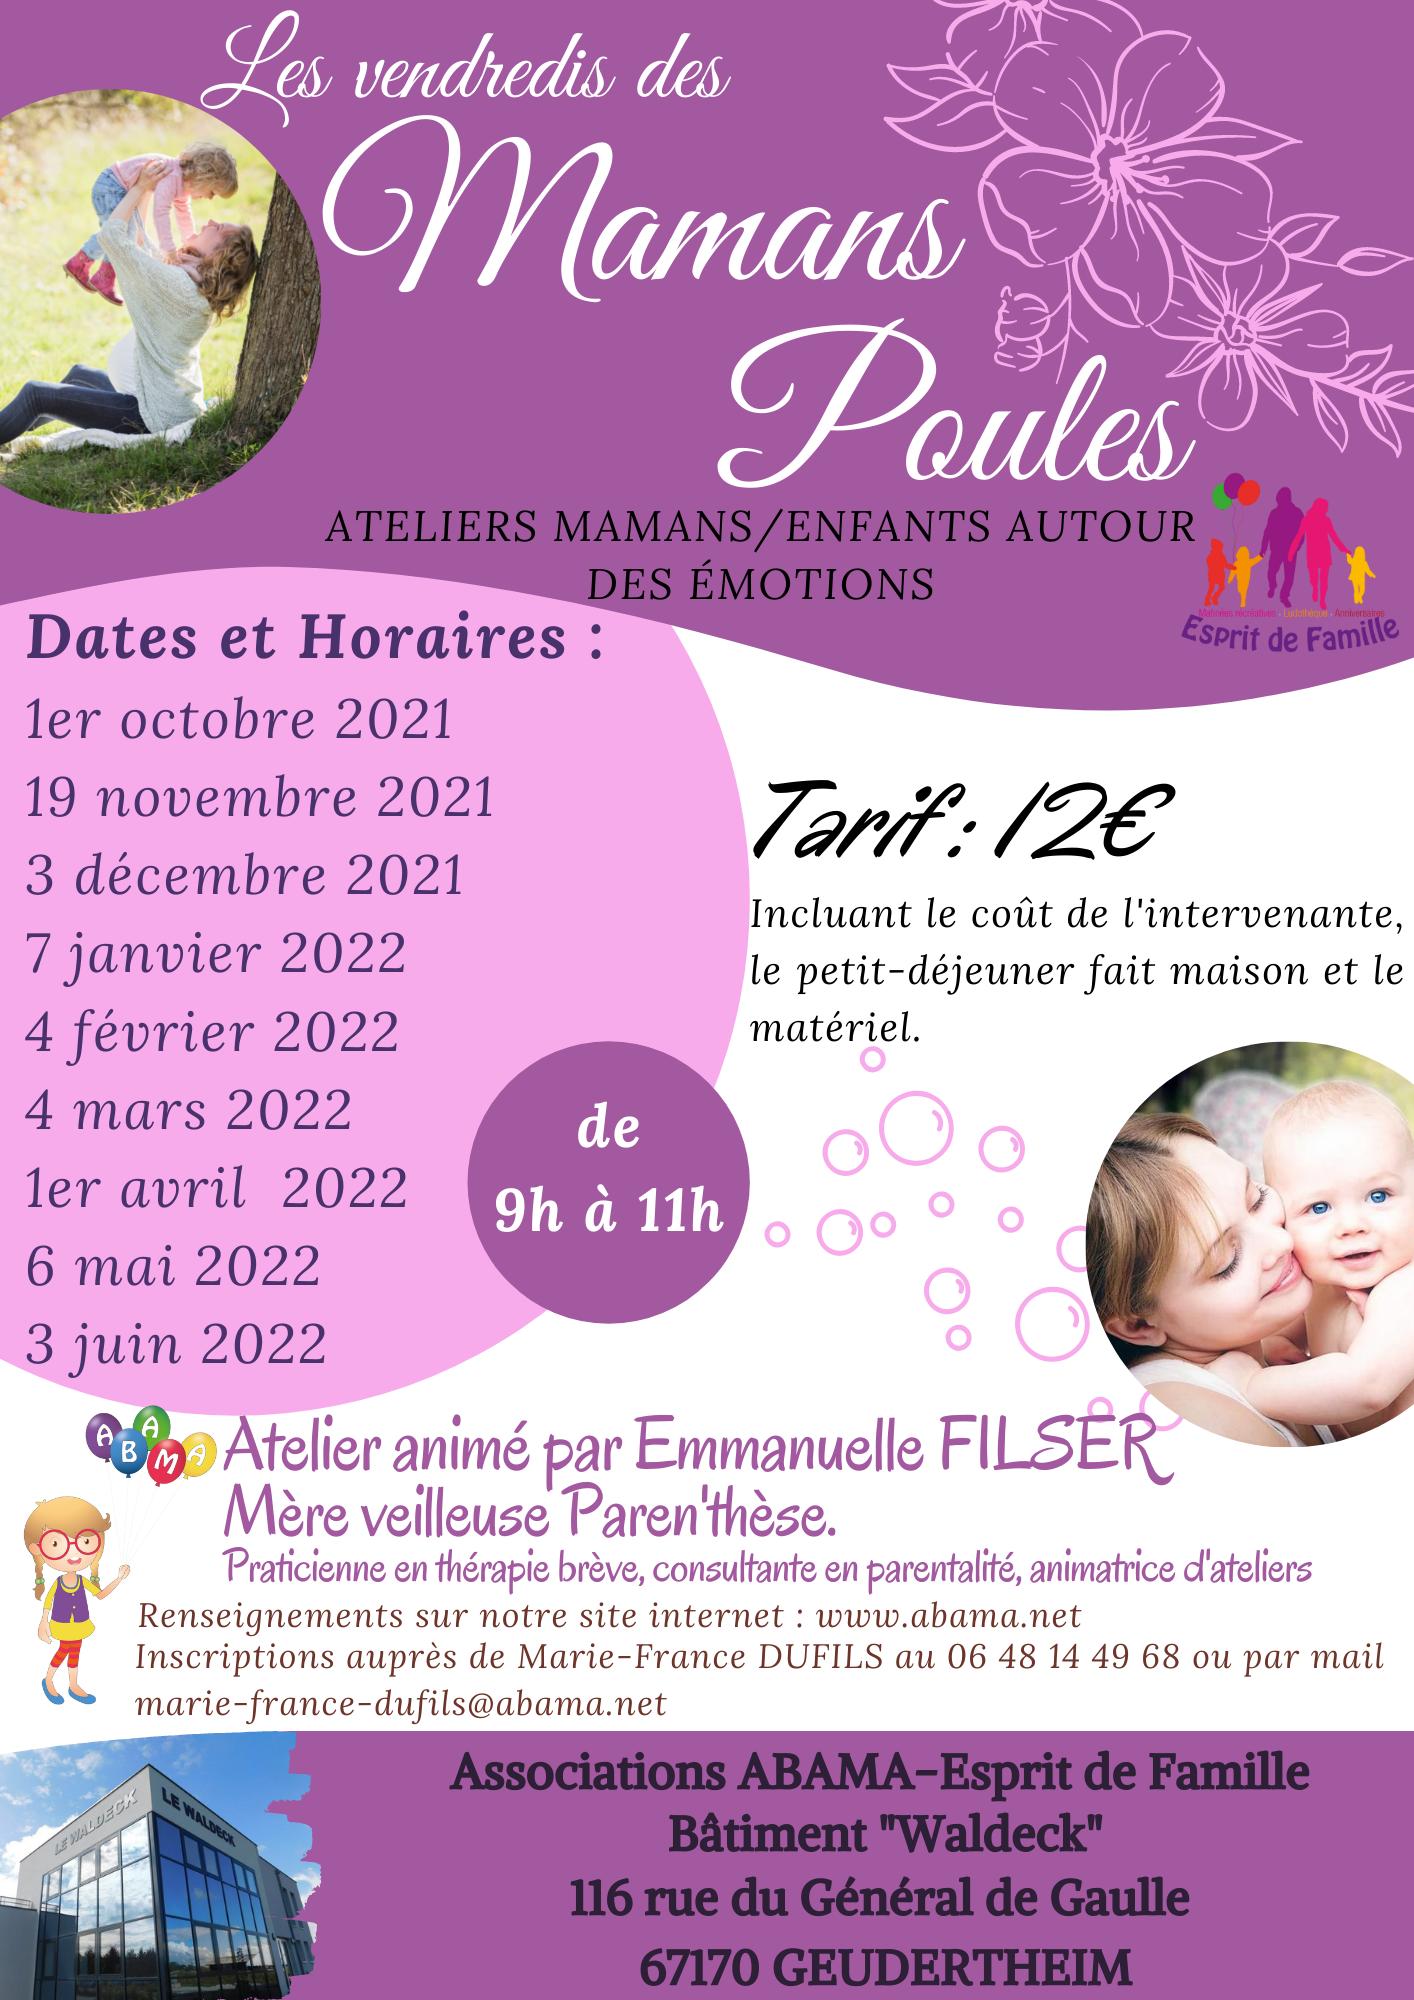 Nouveau : A partir du 1er octobre, venez découvrir avec votre enfant (0/3 ans) nos vendredis des Mamans Poules